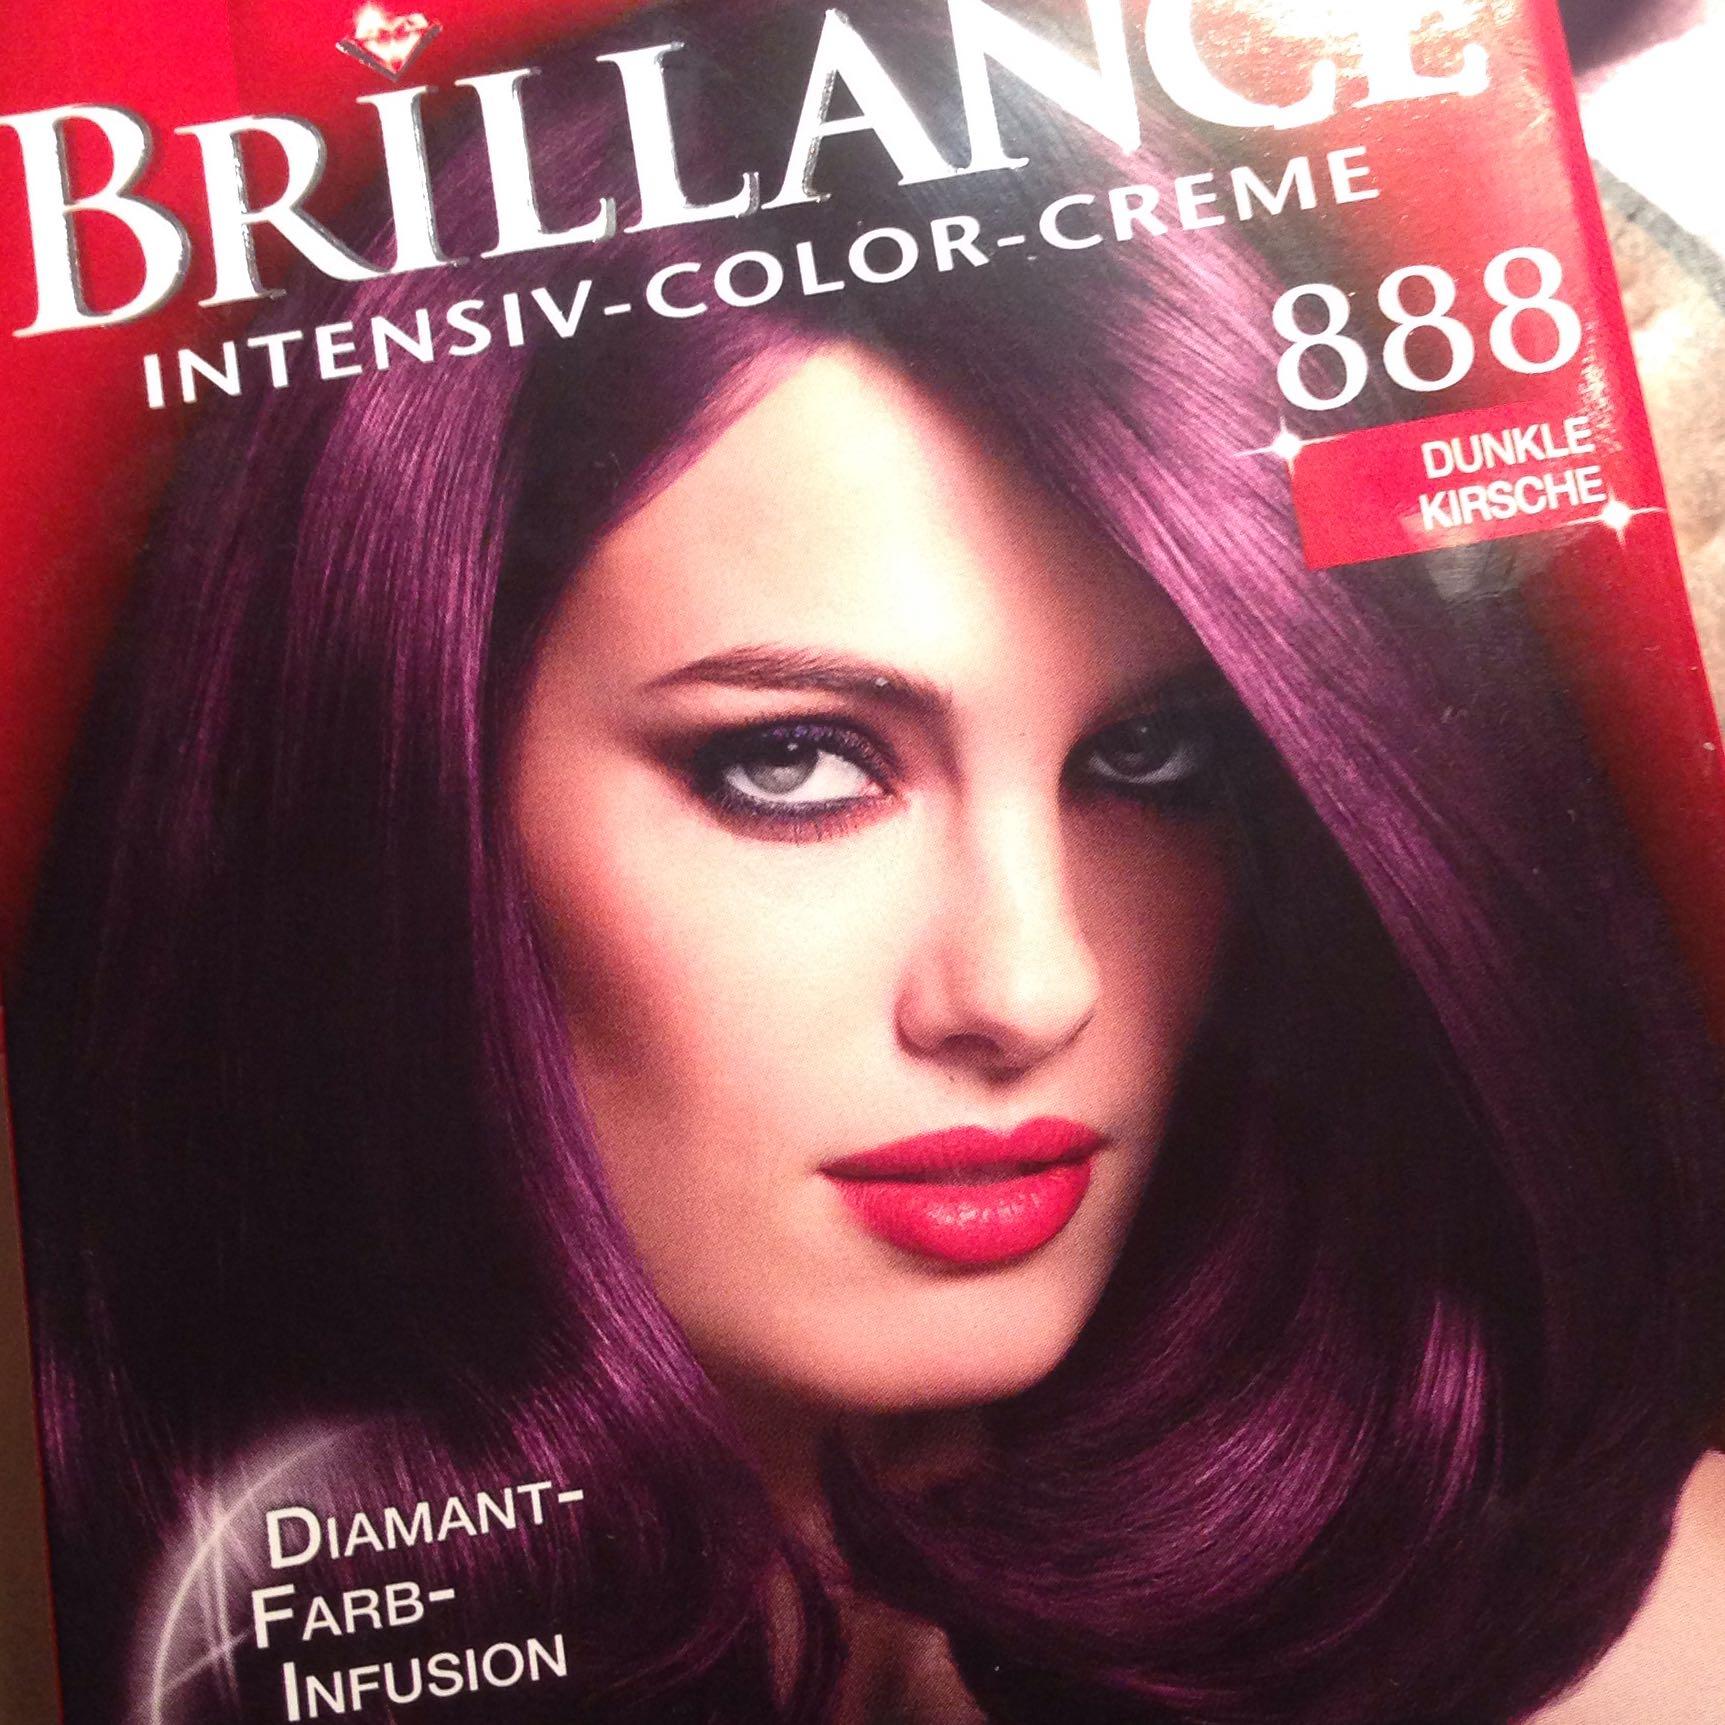 Wie findet ihr diese violett, rote Haarfarbe? (Haare, rot, dunkel)